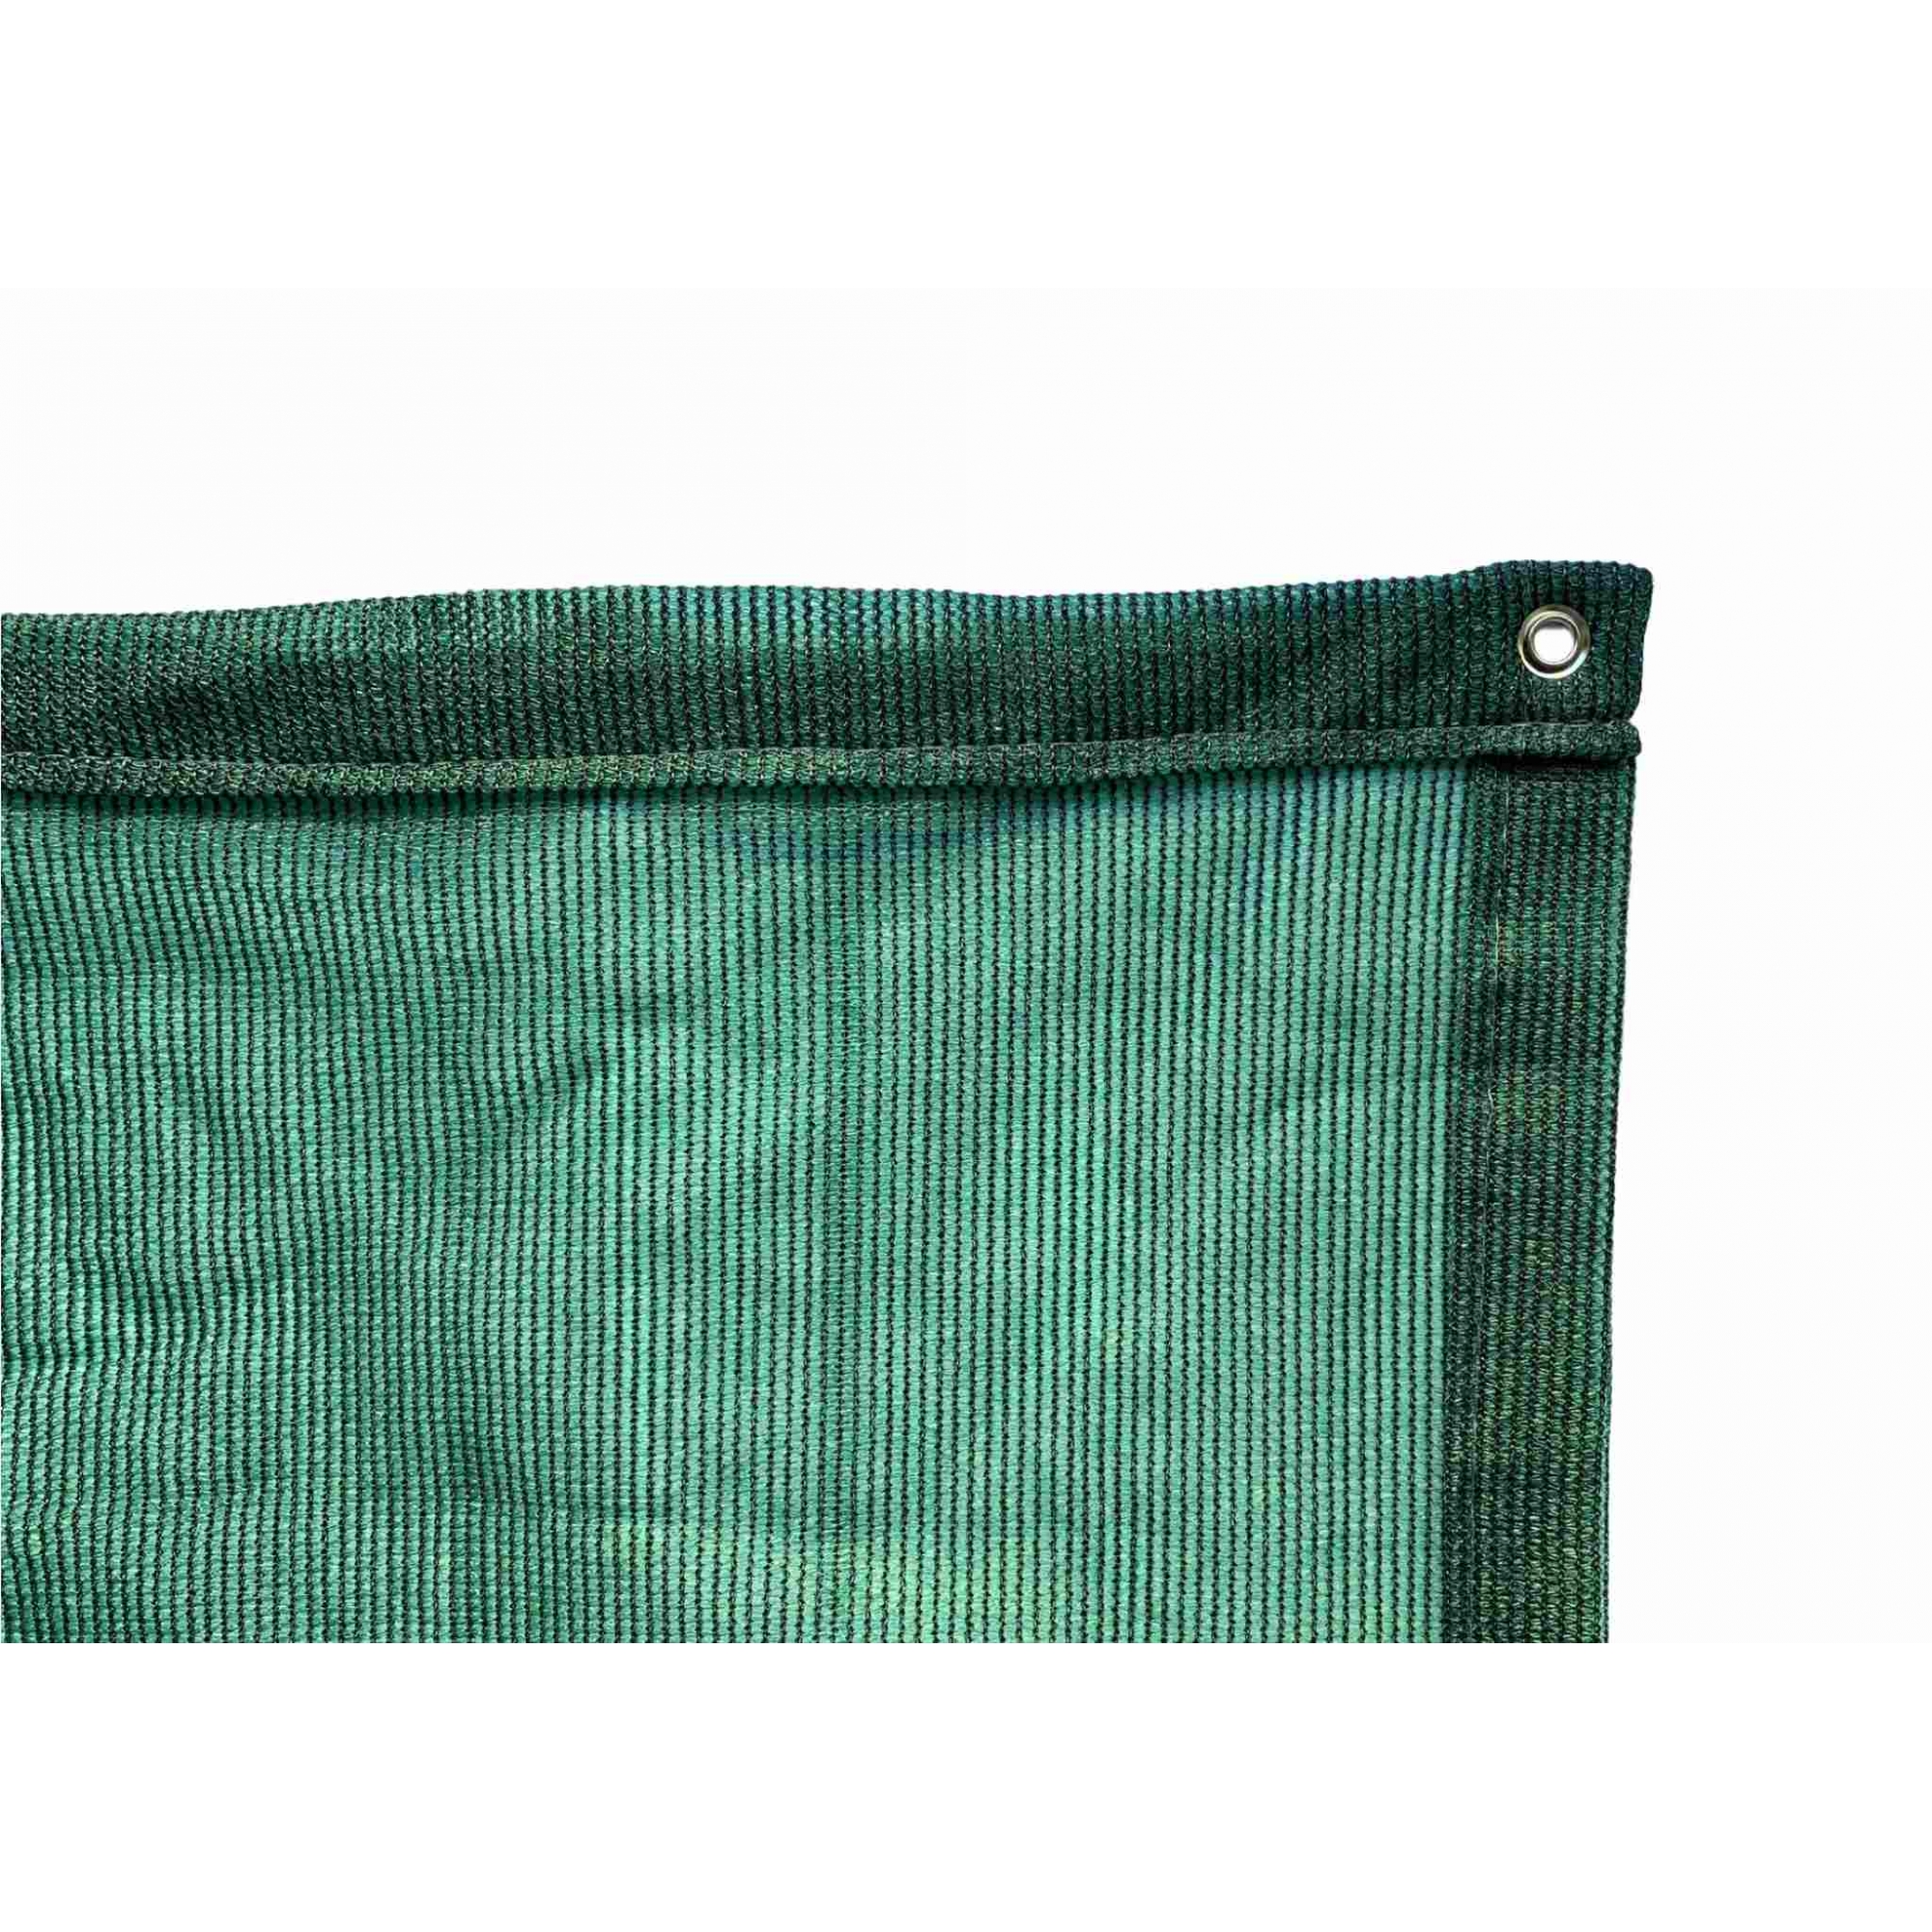 Tela de Sombreamento 80% Verde com Bainha e Ilhós - Largura: 1 Metro